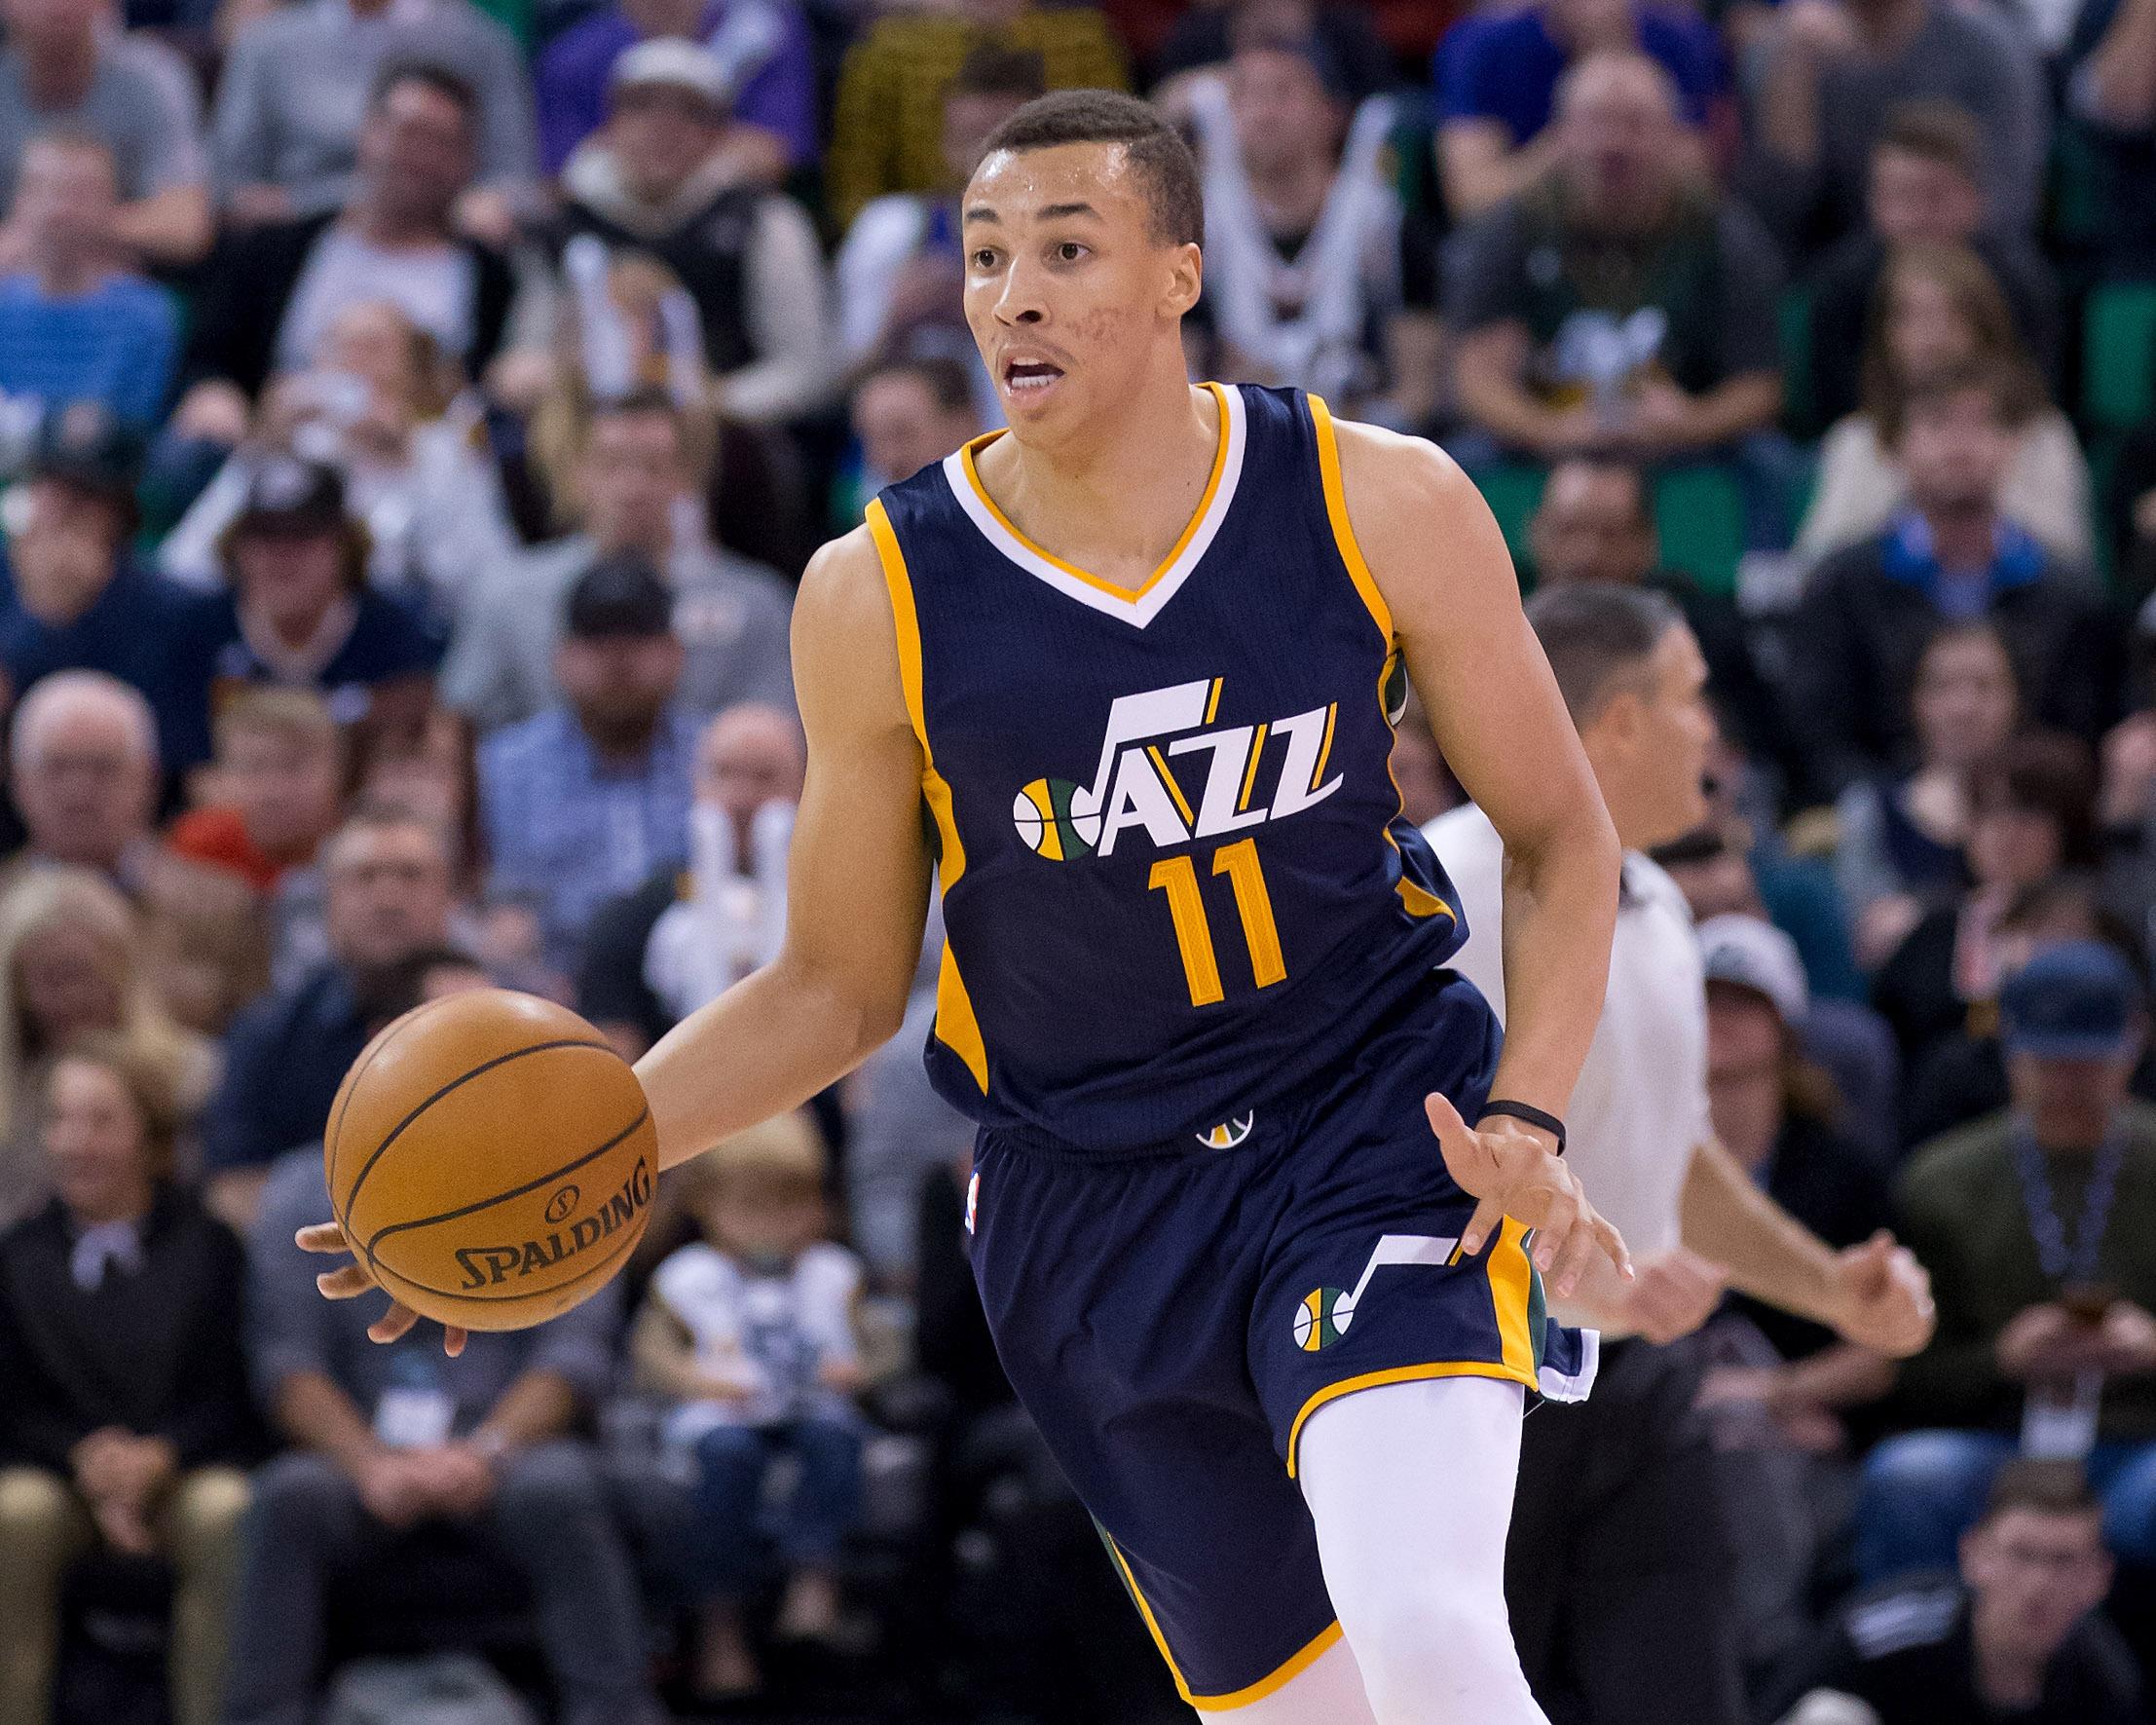 Utah Jazz: Dante Exum Impresses in Win Over Charlotte Hornets